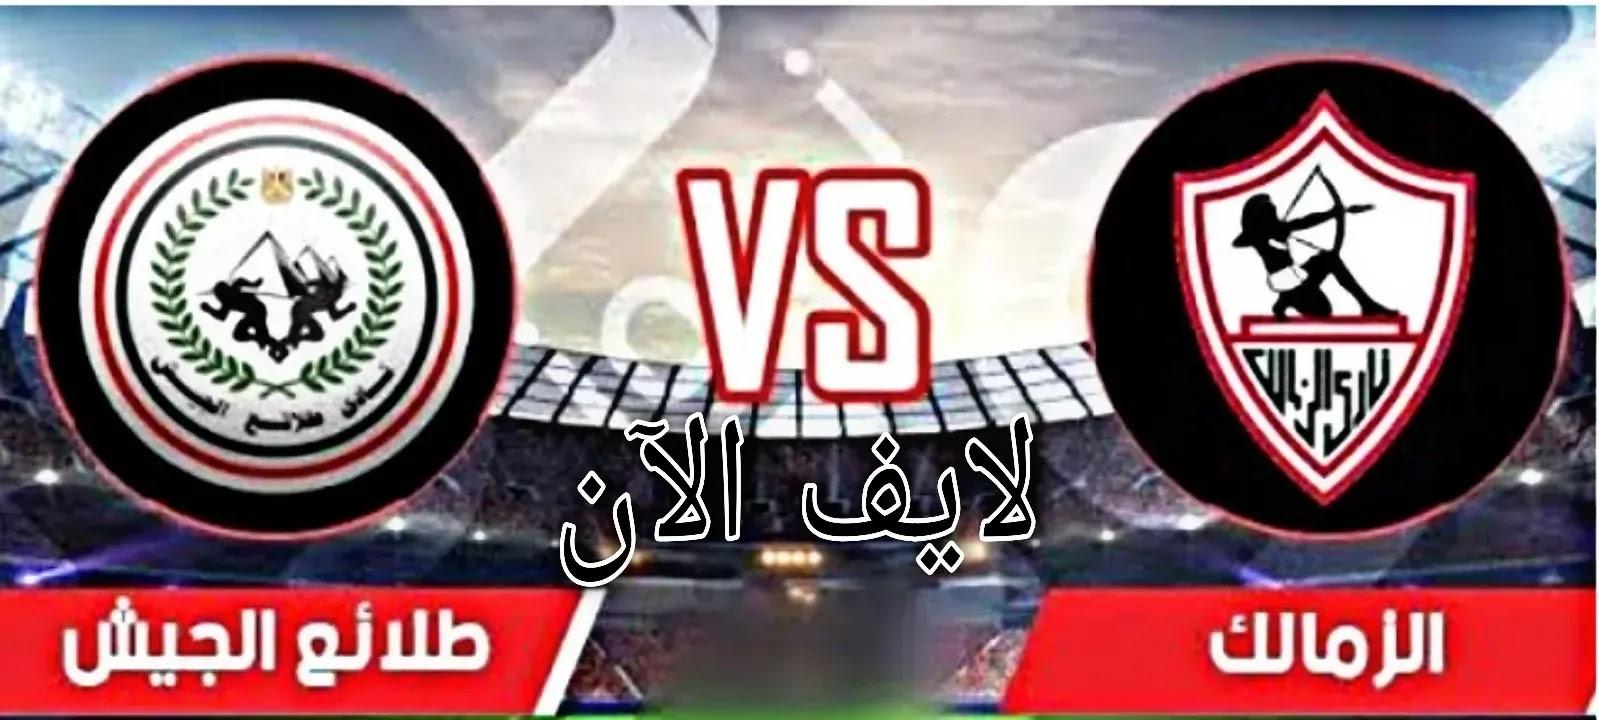 مشاهدة مباراة الزمالك وطلائع الجيش اليوم السبت 09-01-2021 في الدوري المصري بث مباشر دون اي تقطيعات بجودة عالية لايف الان